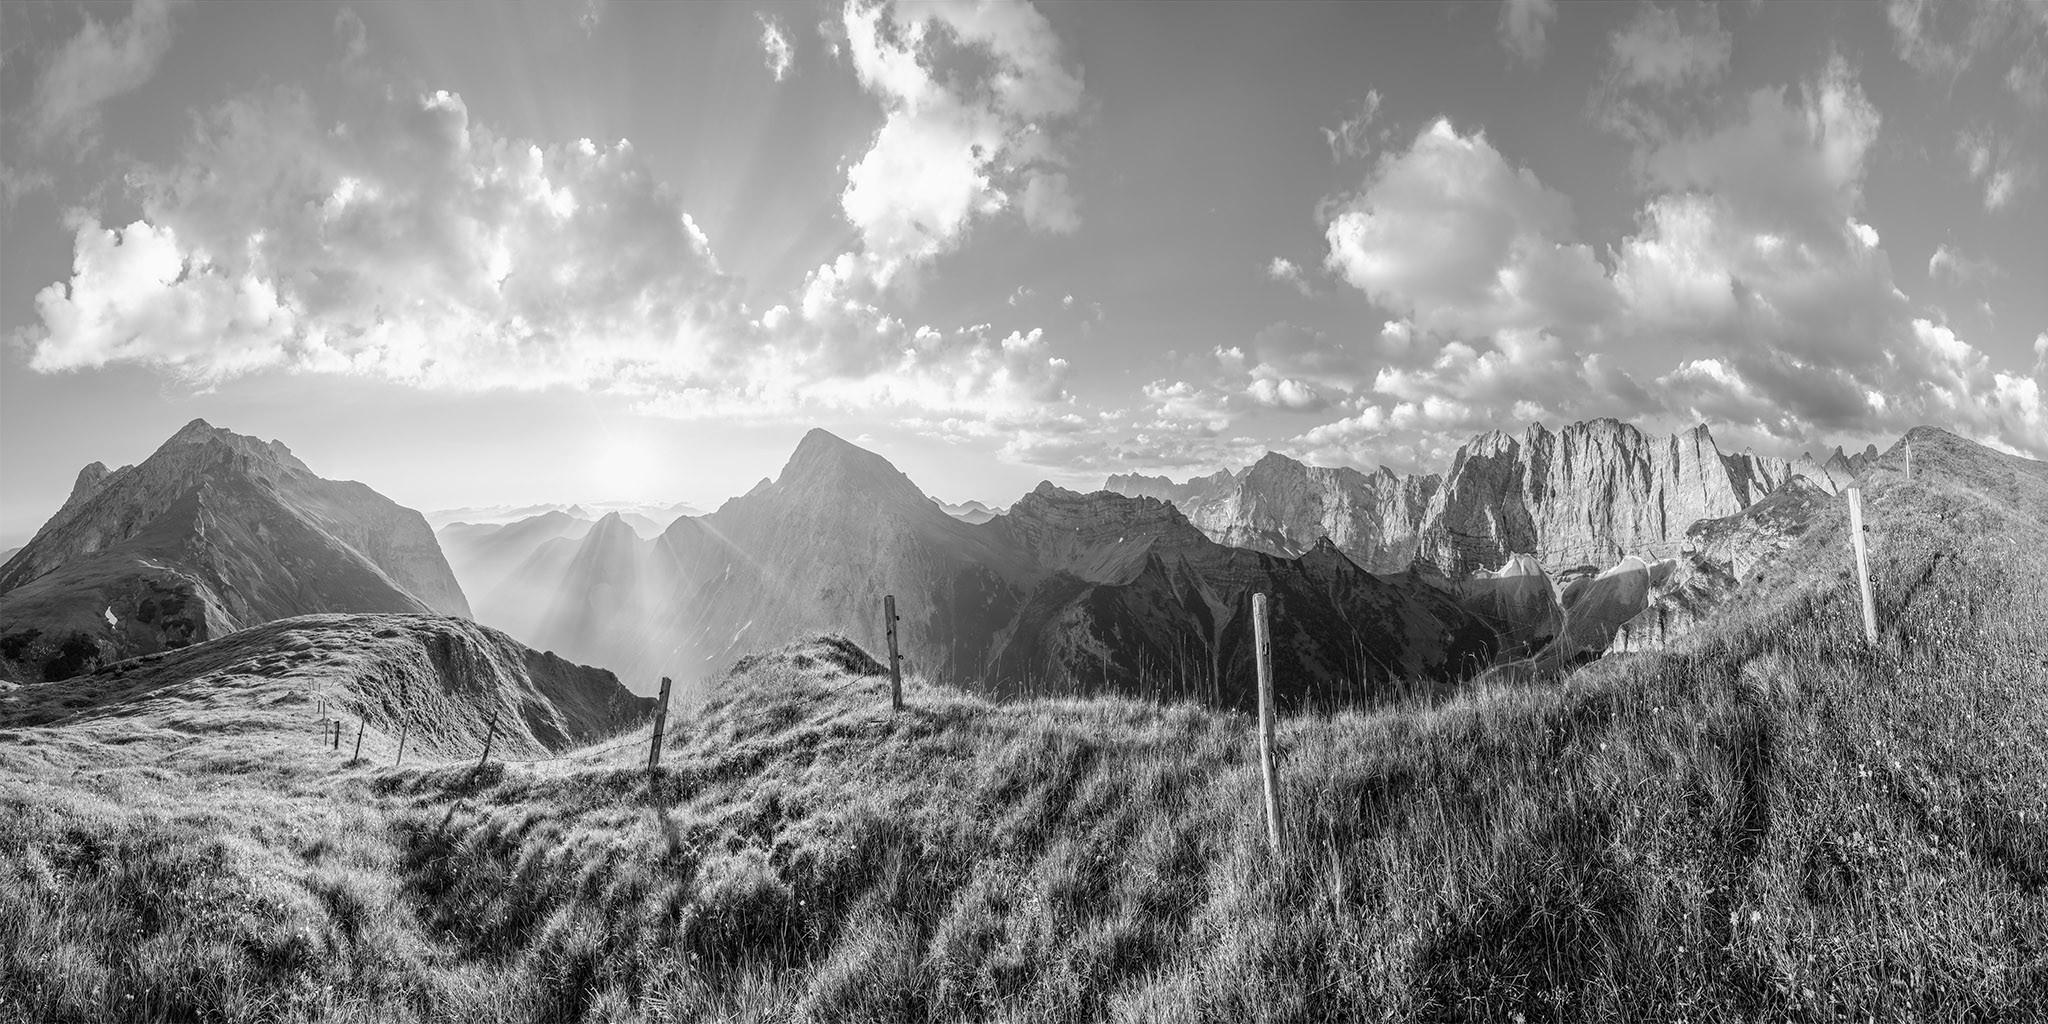 Karwendelgebirge - Mahnkopf mit Blick auf die angestahlte Laliderer Wand in schwarzweiss.